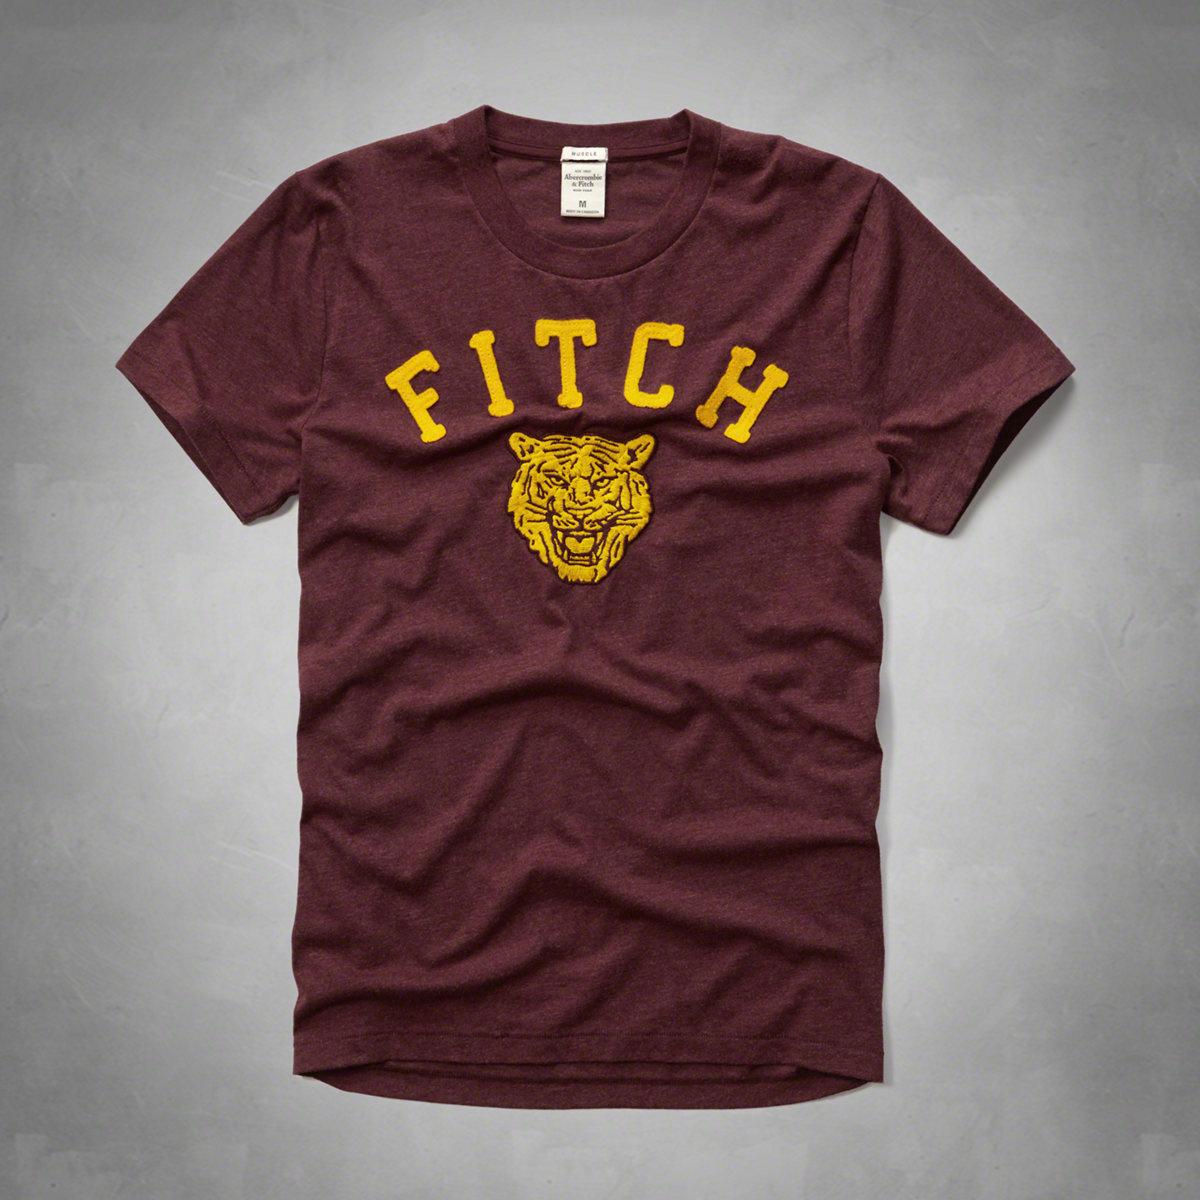 美國百分百【Abercrombie & Fitch】T恤 AF 短袖 T-shirt 麋鹿 虎頭 紅色 特價 S M L XL號 F597